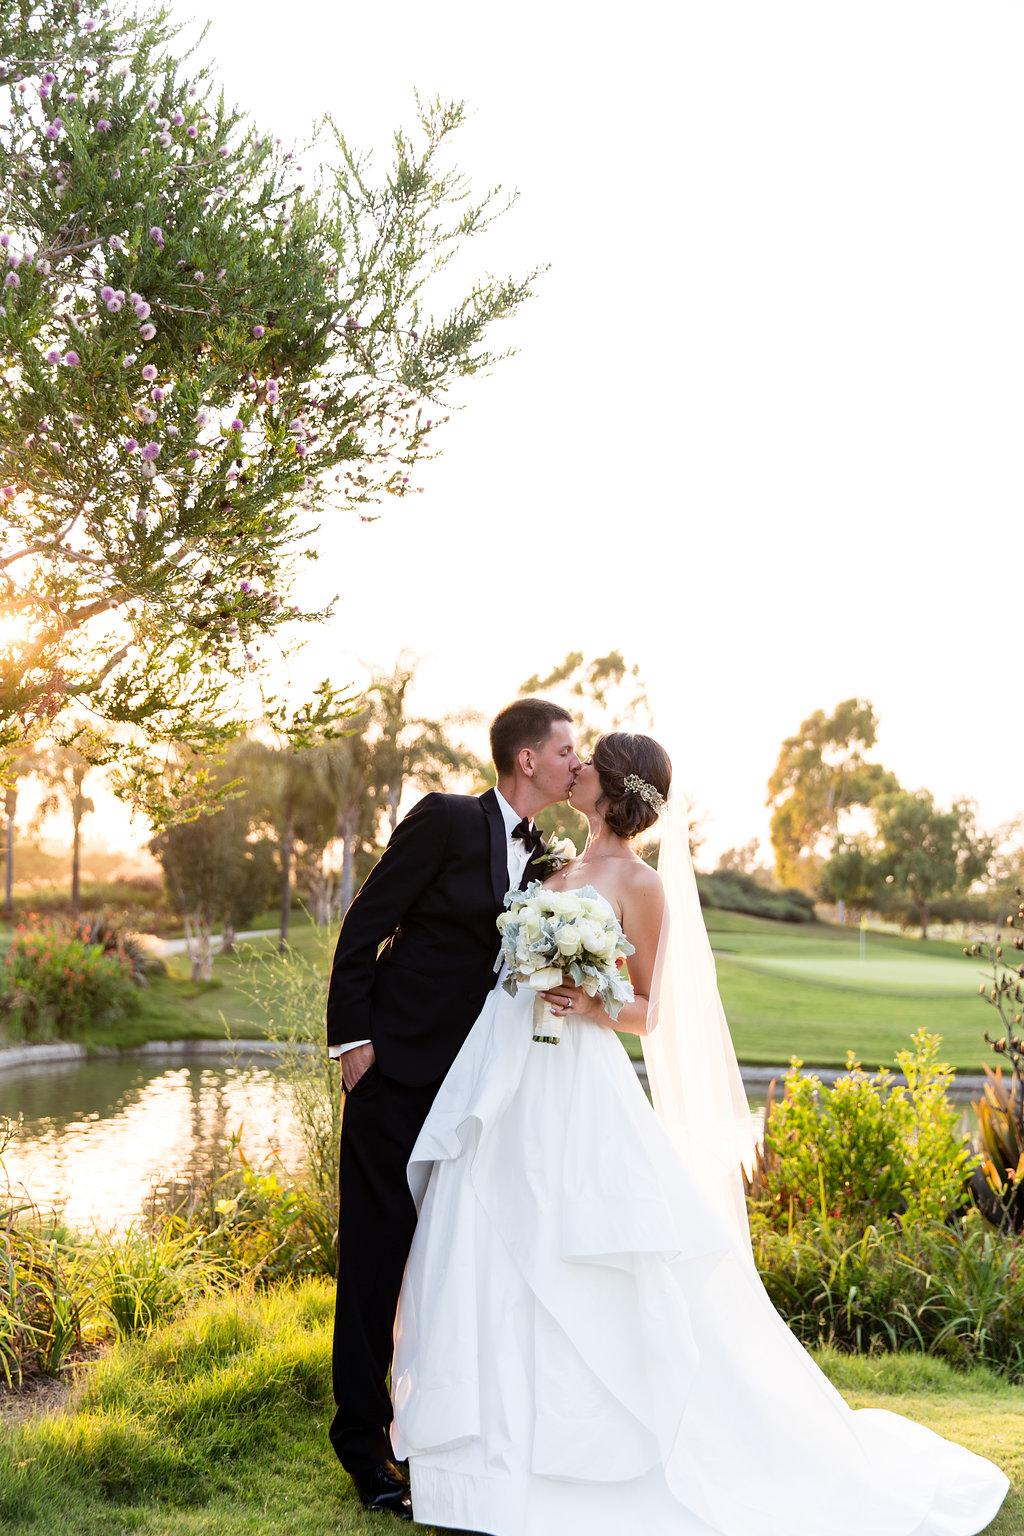 Gorgeous Wedding Photos - Gorgeous Seal Beach Wedding Venue - Old Country Club Wedding